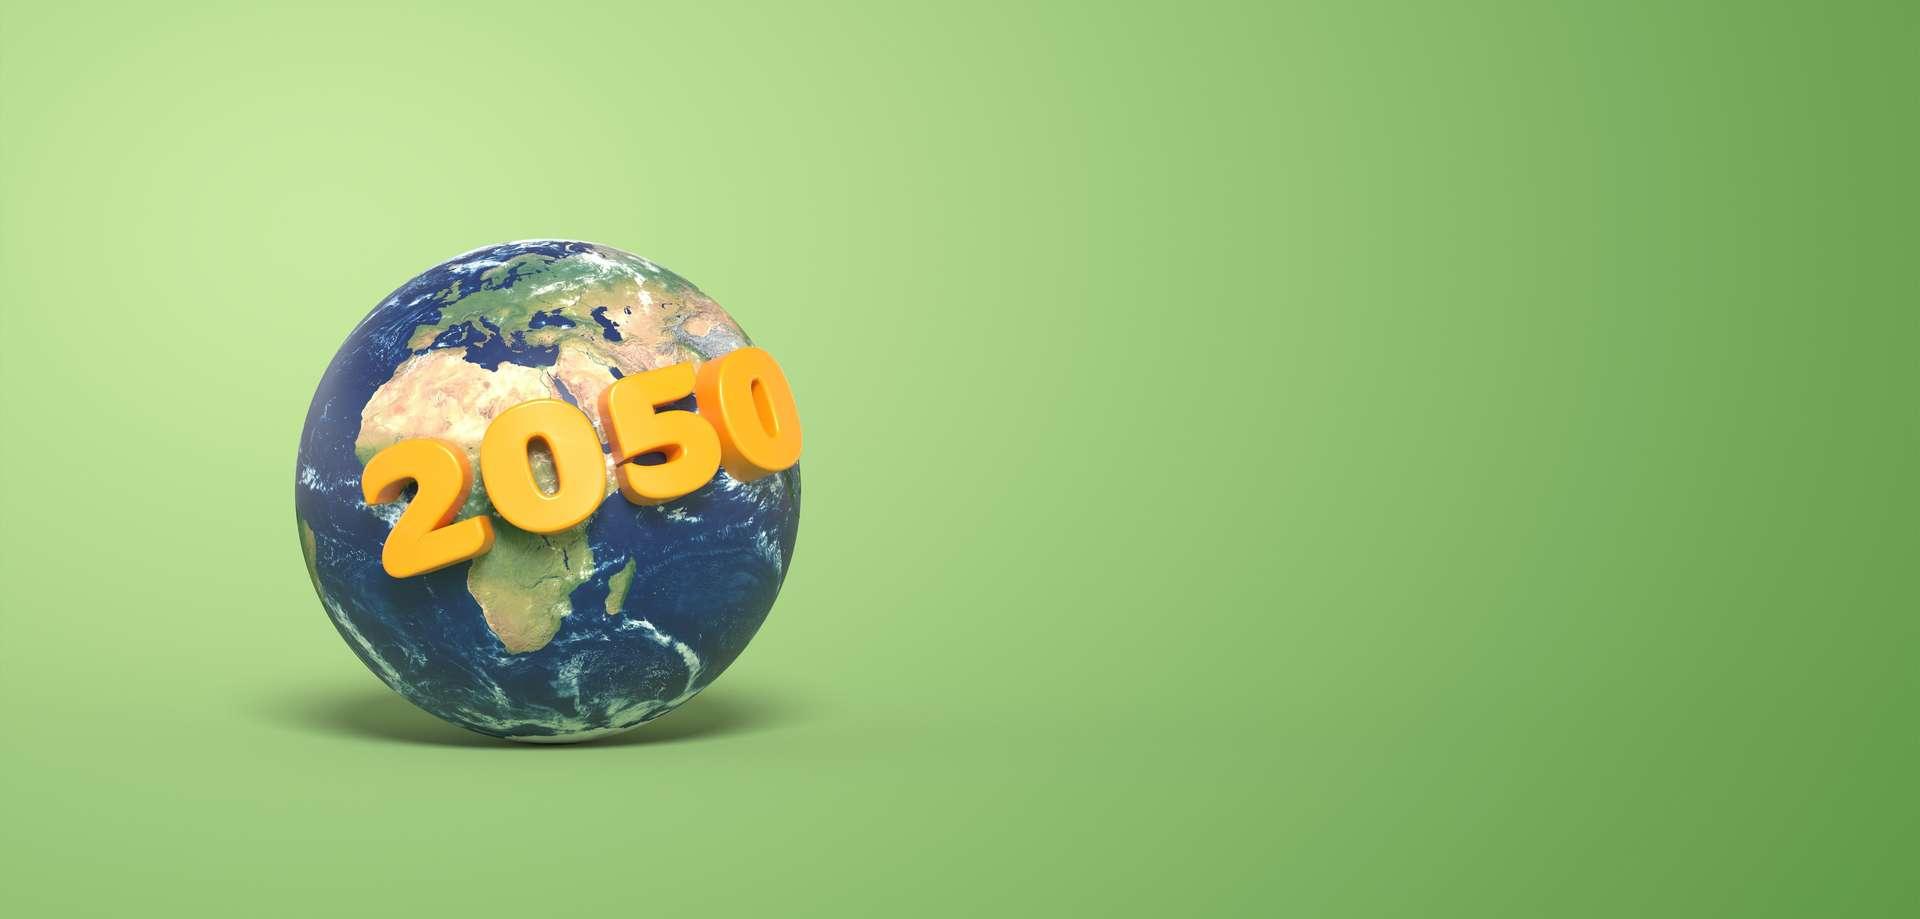 De nombreux États souhaitent atteindre la neutralité carbone en 2050. © Fox_Dsign, Adobe Stock